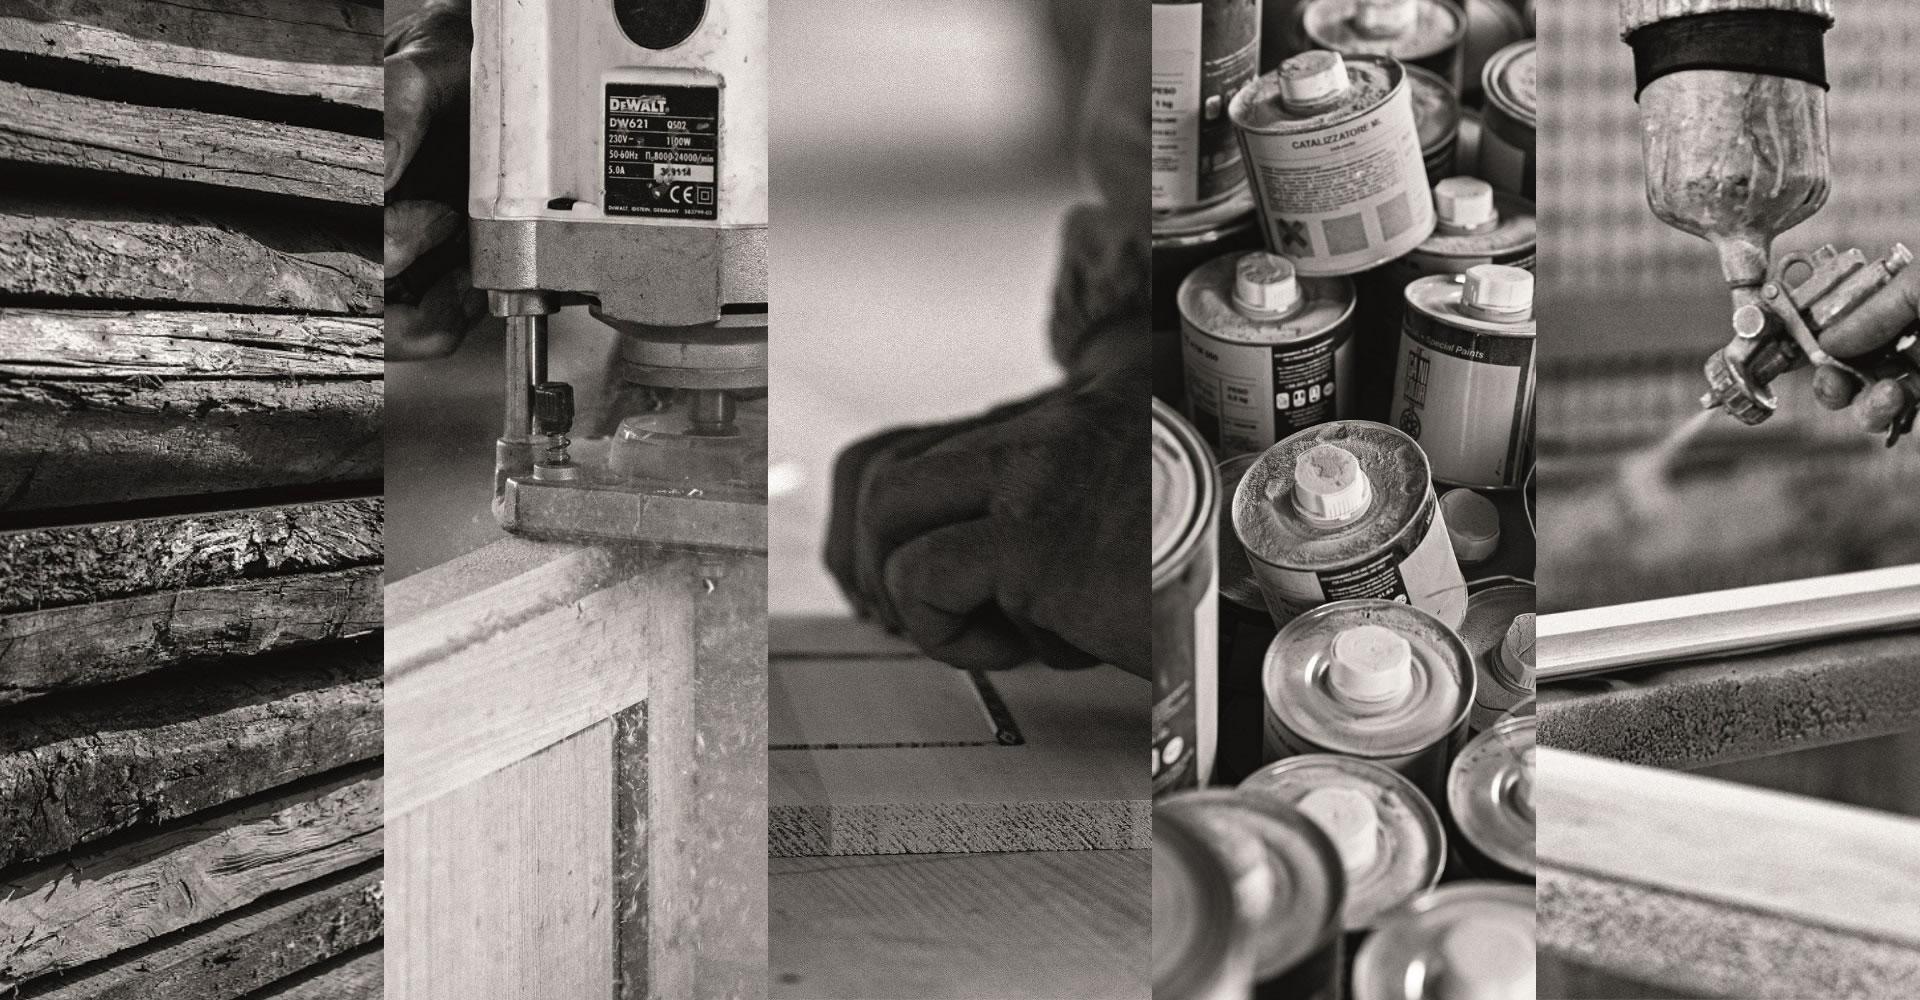 GAIA-mobili-Collage-Artigianalita-Made-in-italy